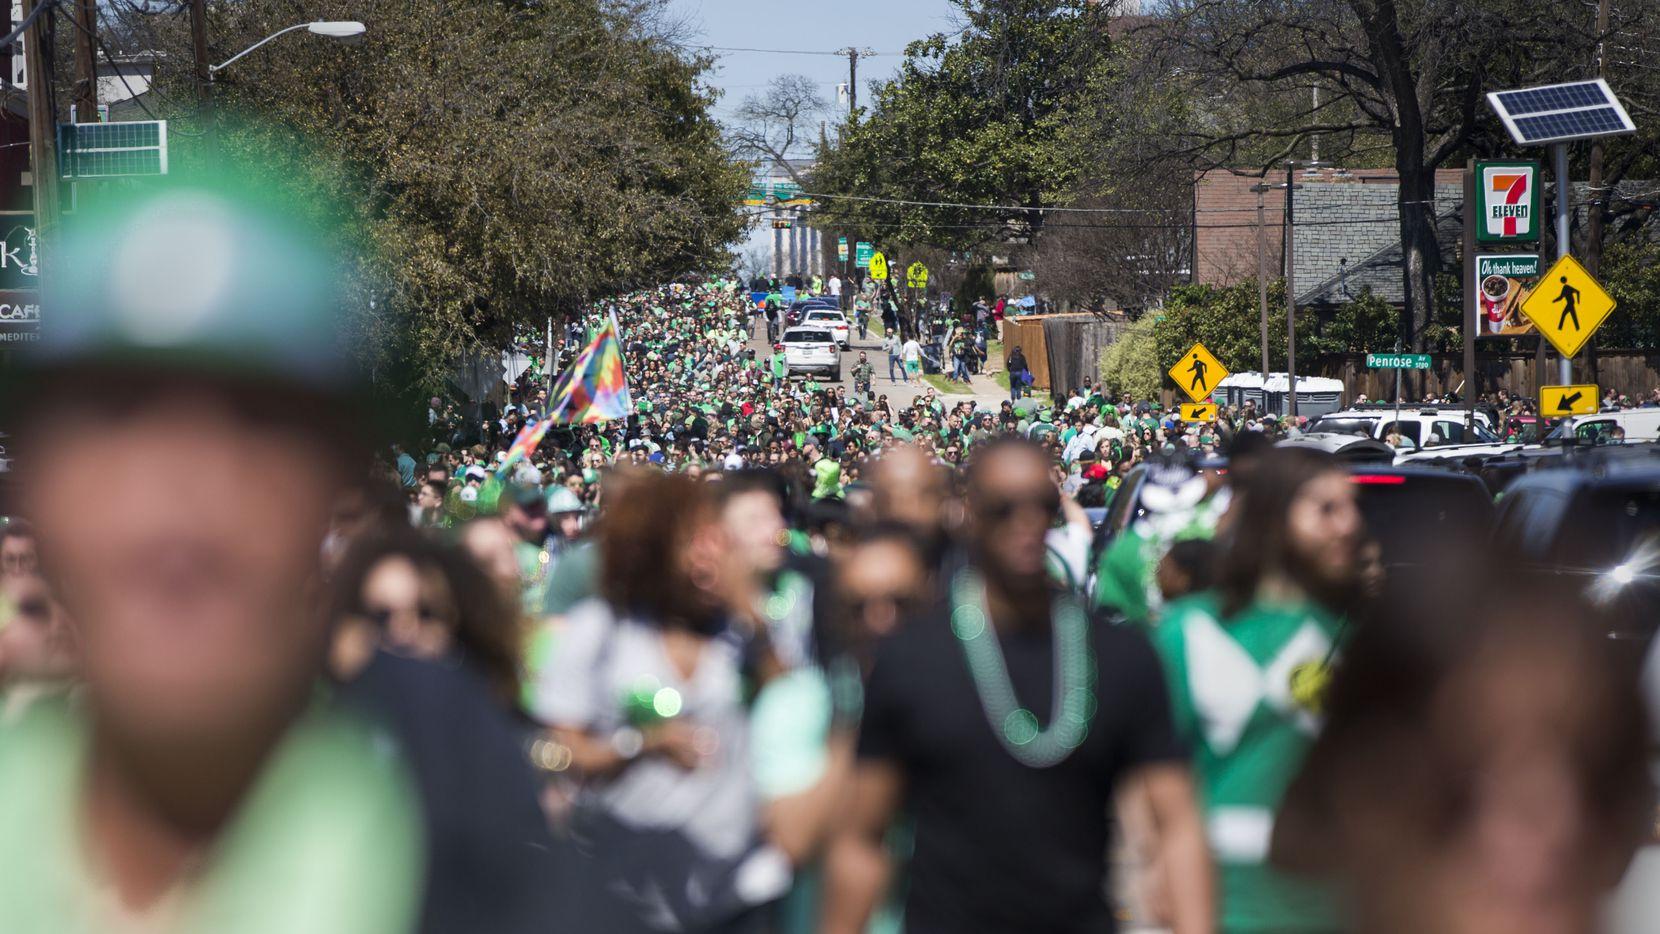 El desfile de St. Patrick's en 2021 será nuevamente cancelado. Los organizadores esperan volver a realizar este evento en 2022.